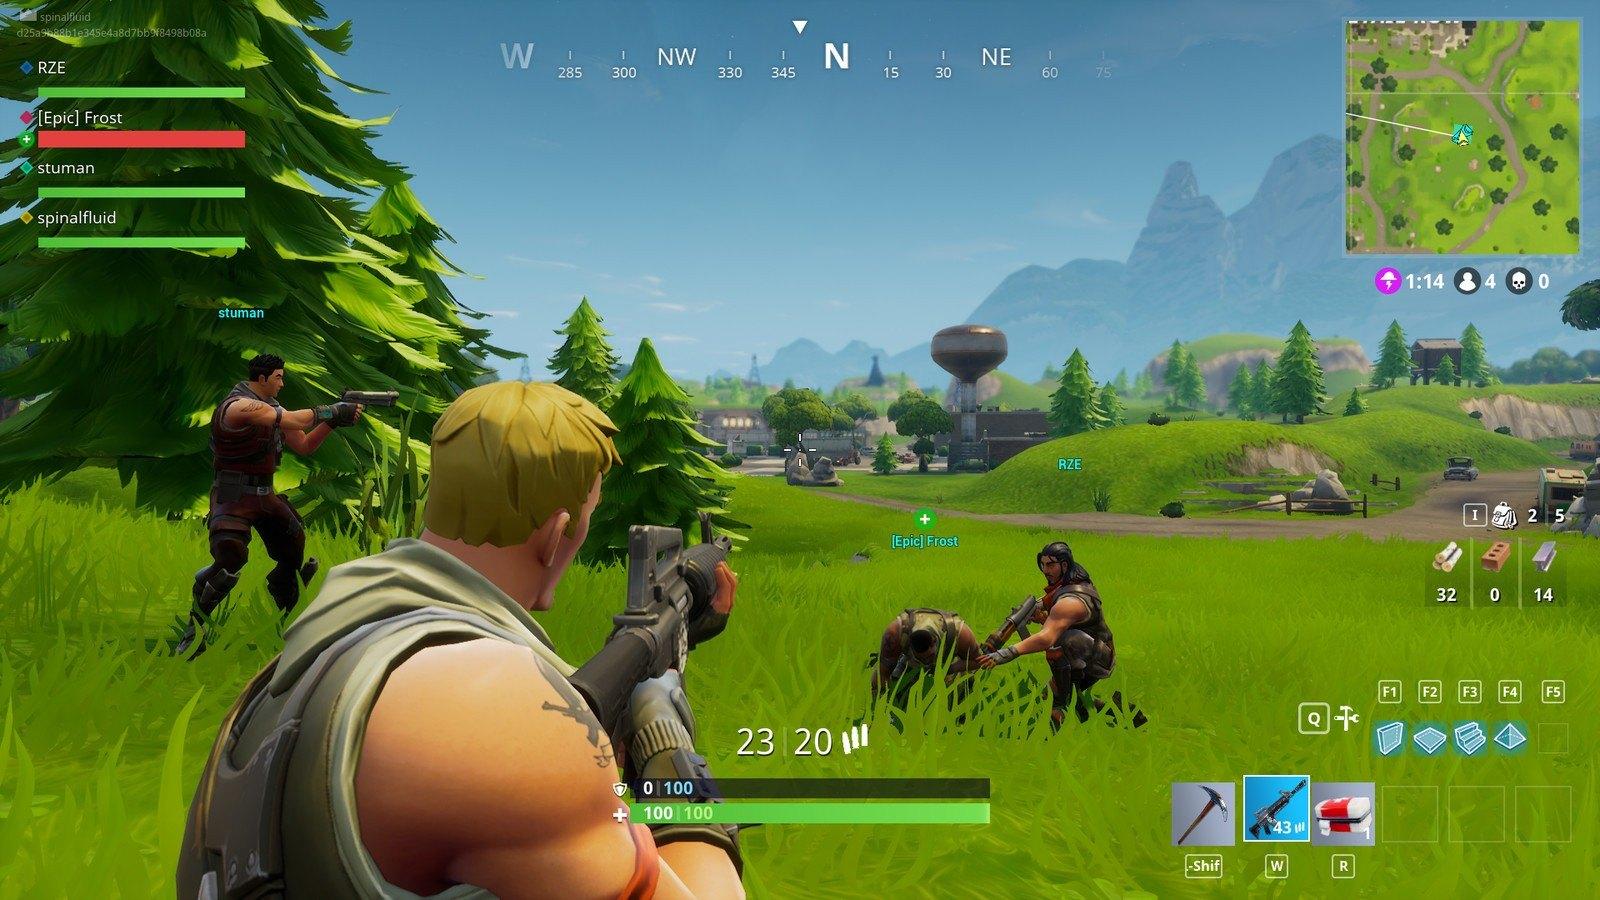 Mobile Battle Royale Oyunları Kapışıyor: Fortnite Yeni Kral Olabilir mi?